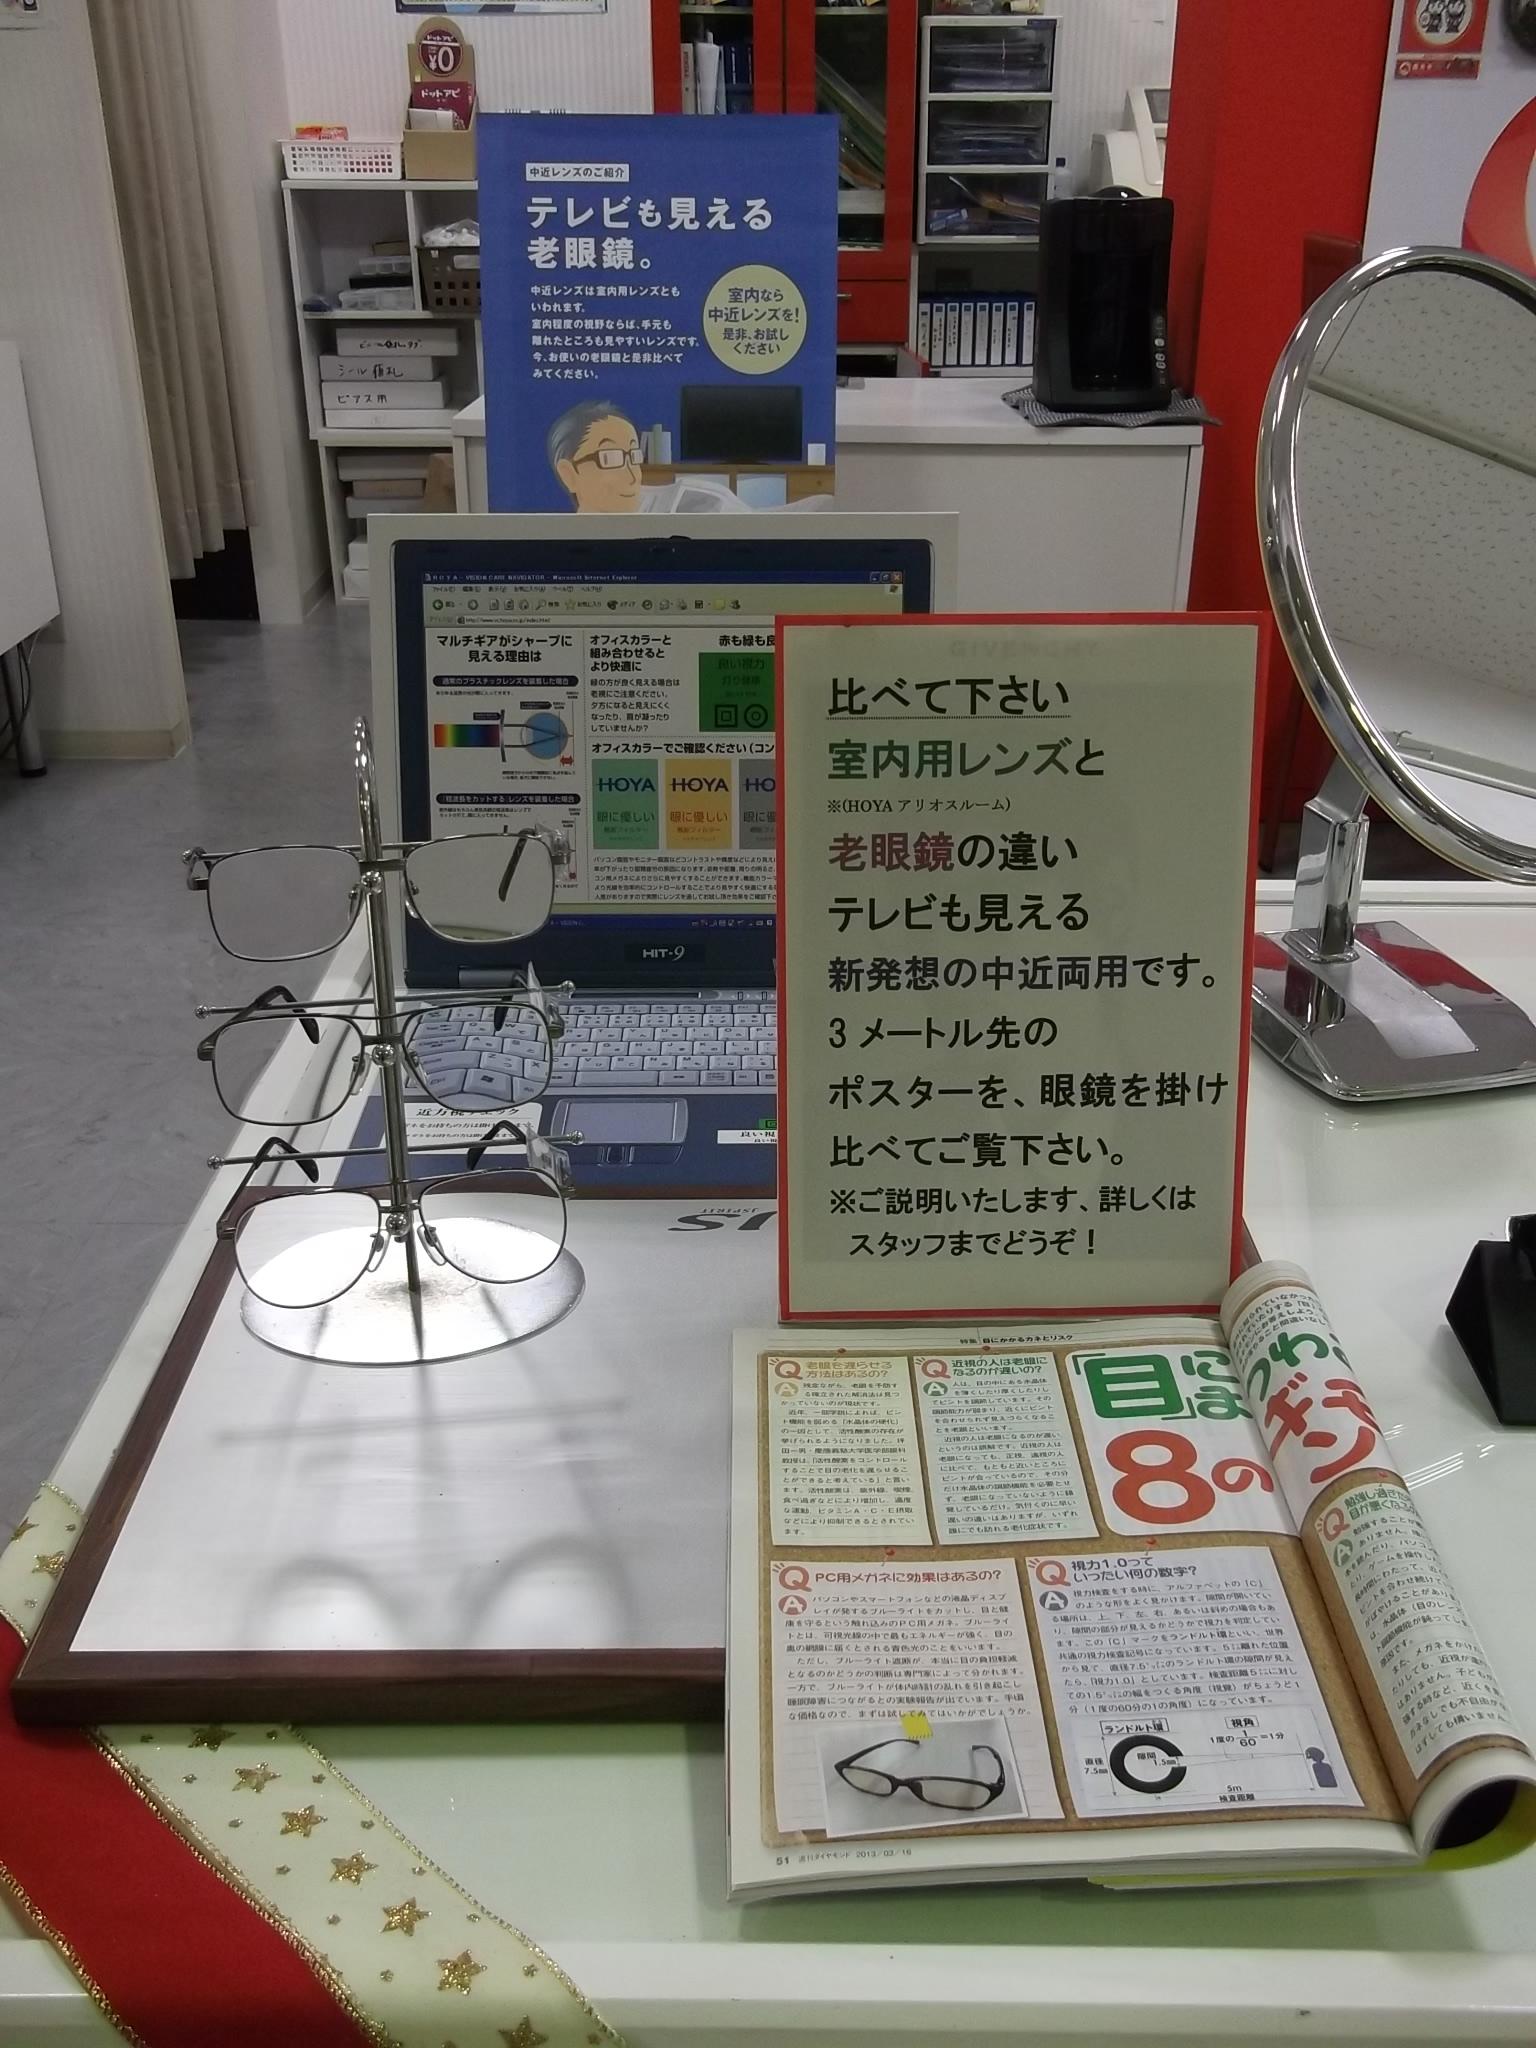 DSCF0641.JPG